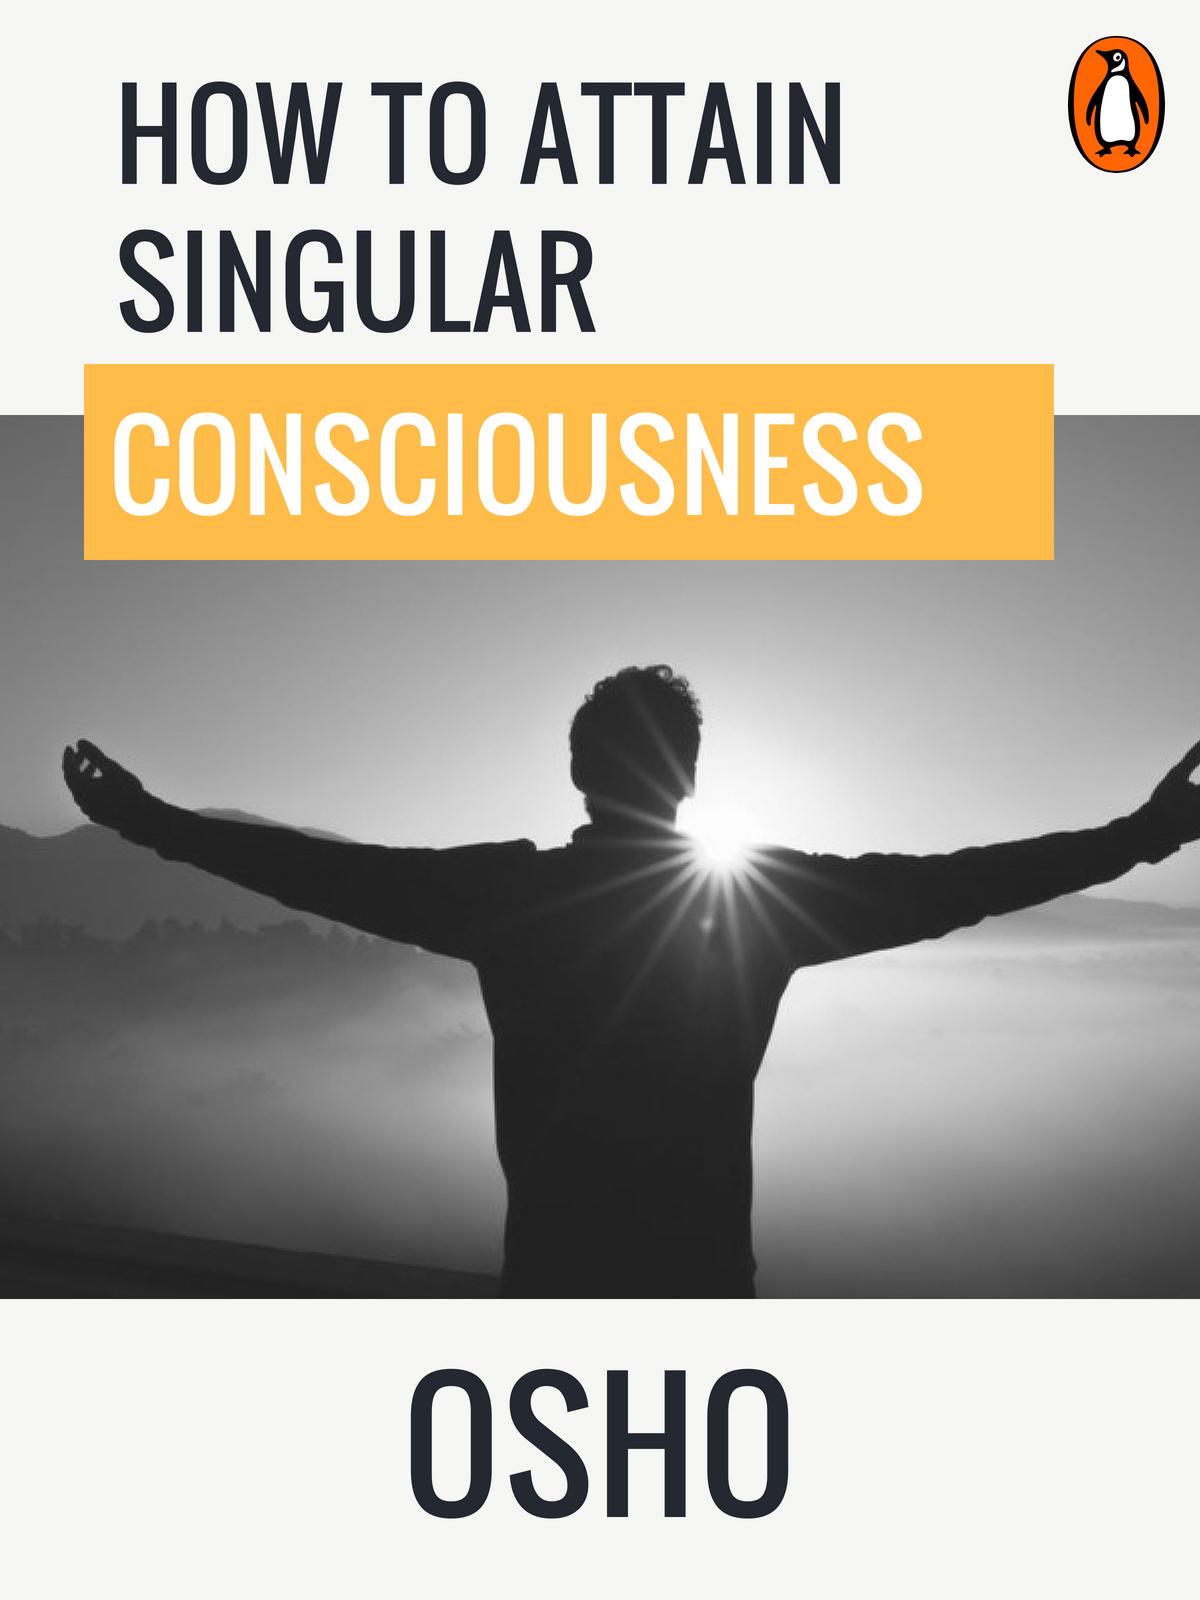 How to Attain Singular Consciousness